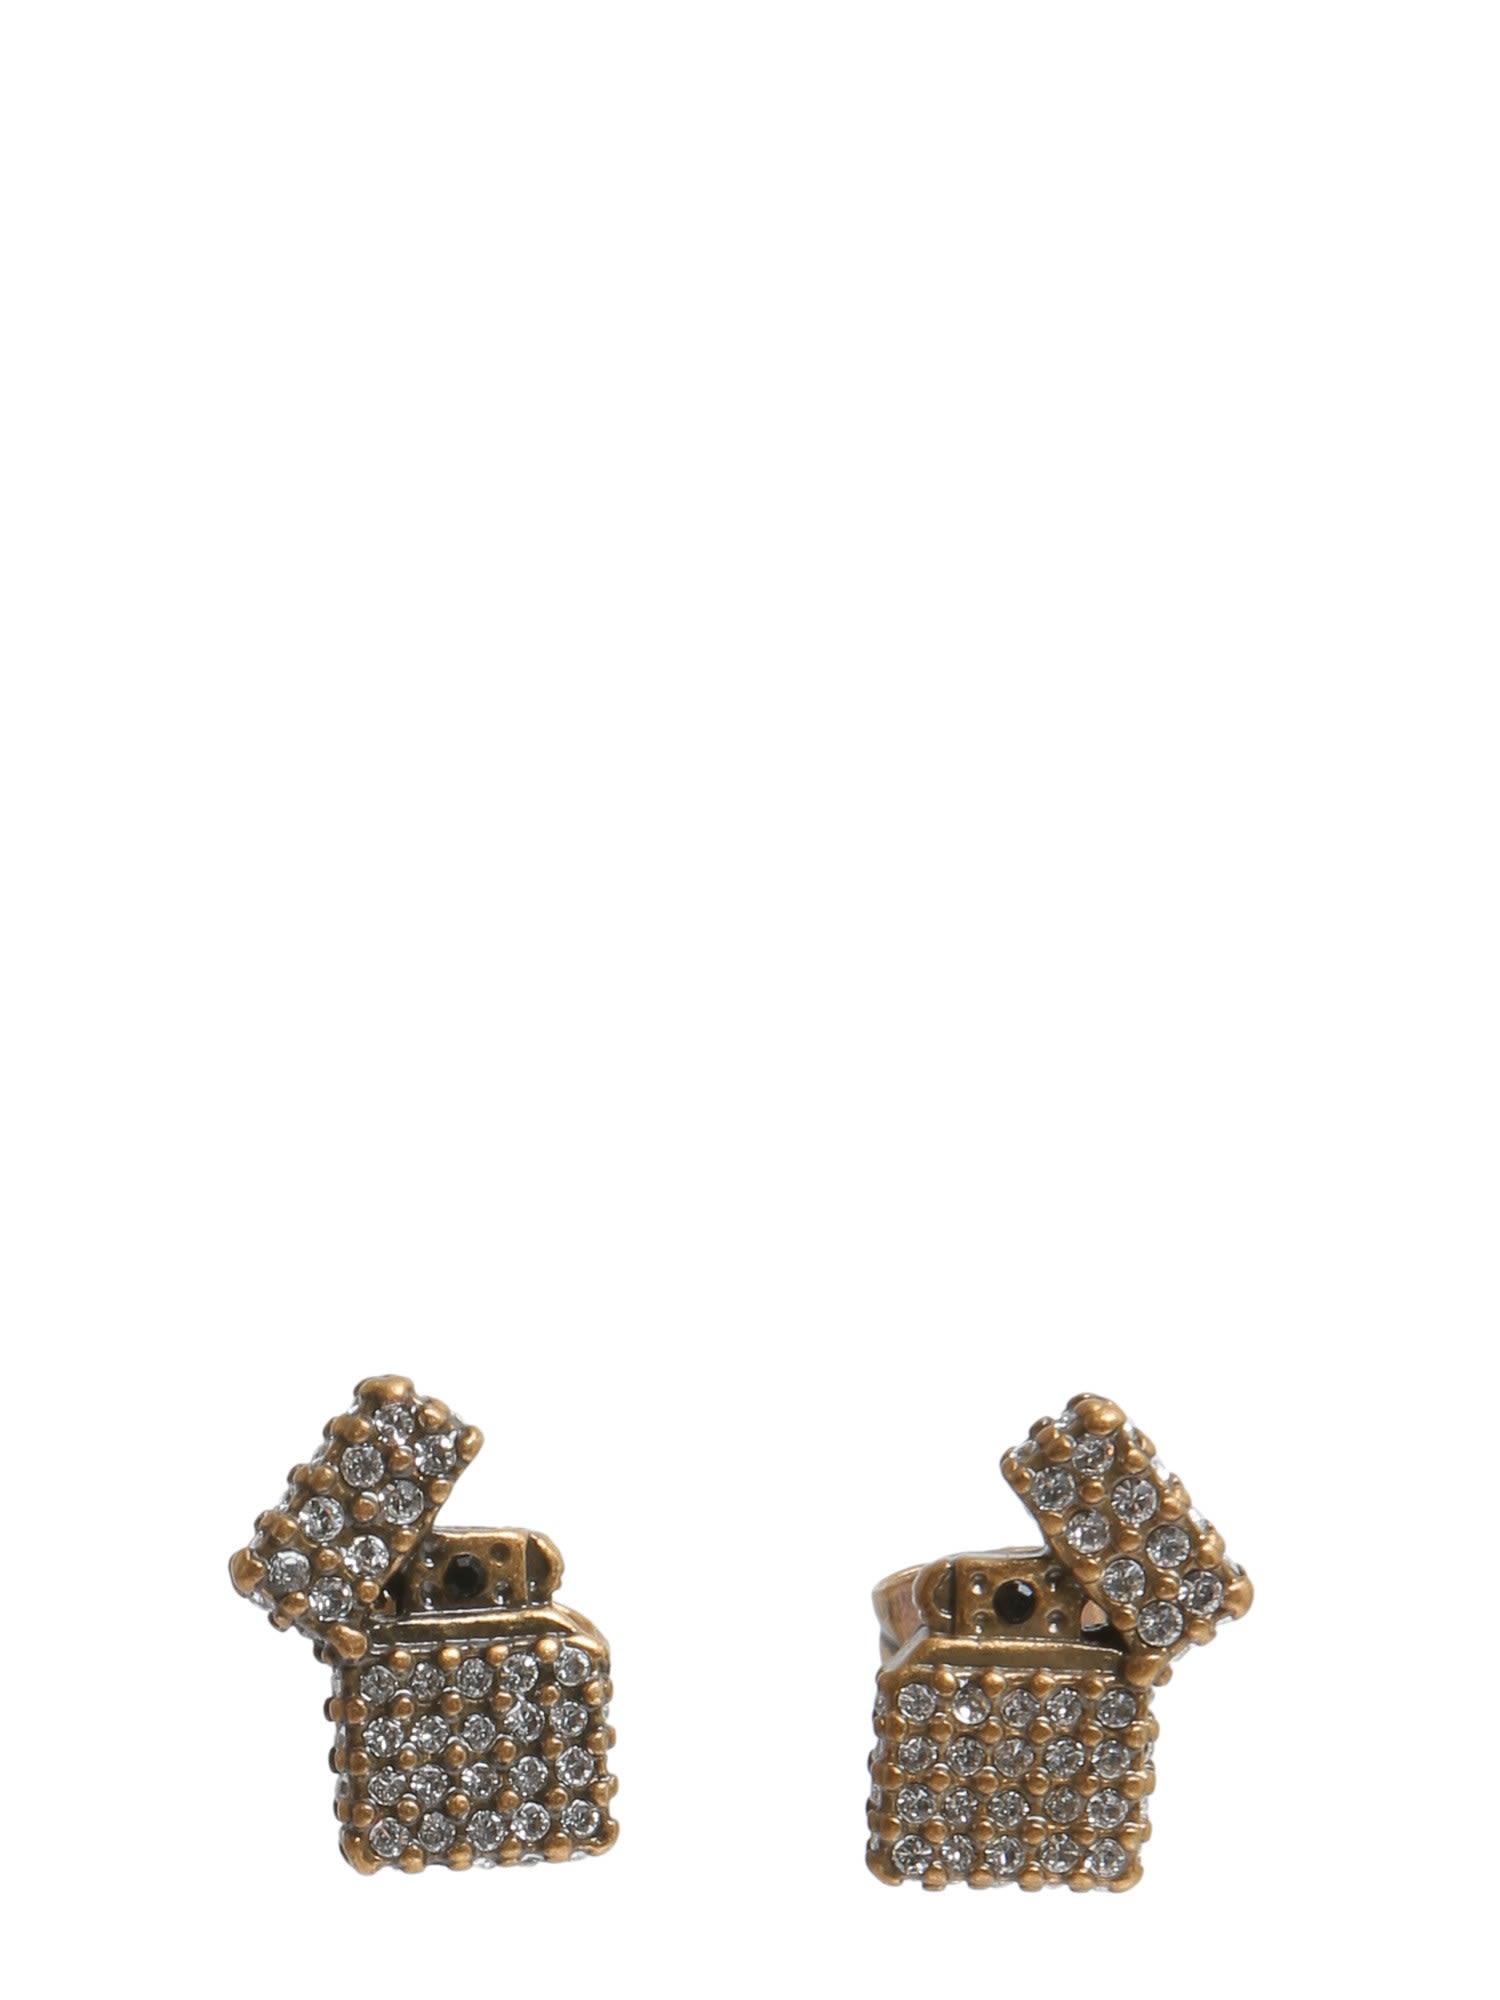 Lighter Stud Earrings